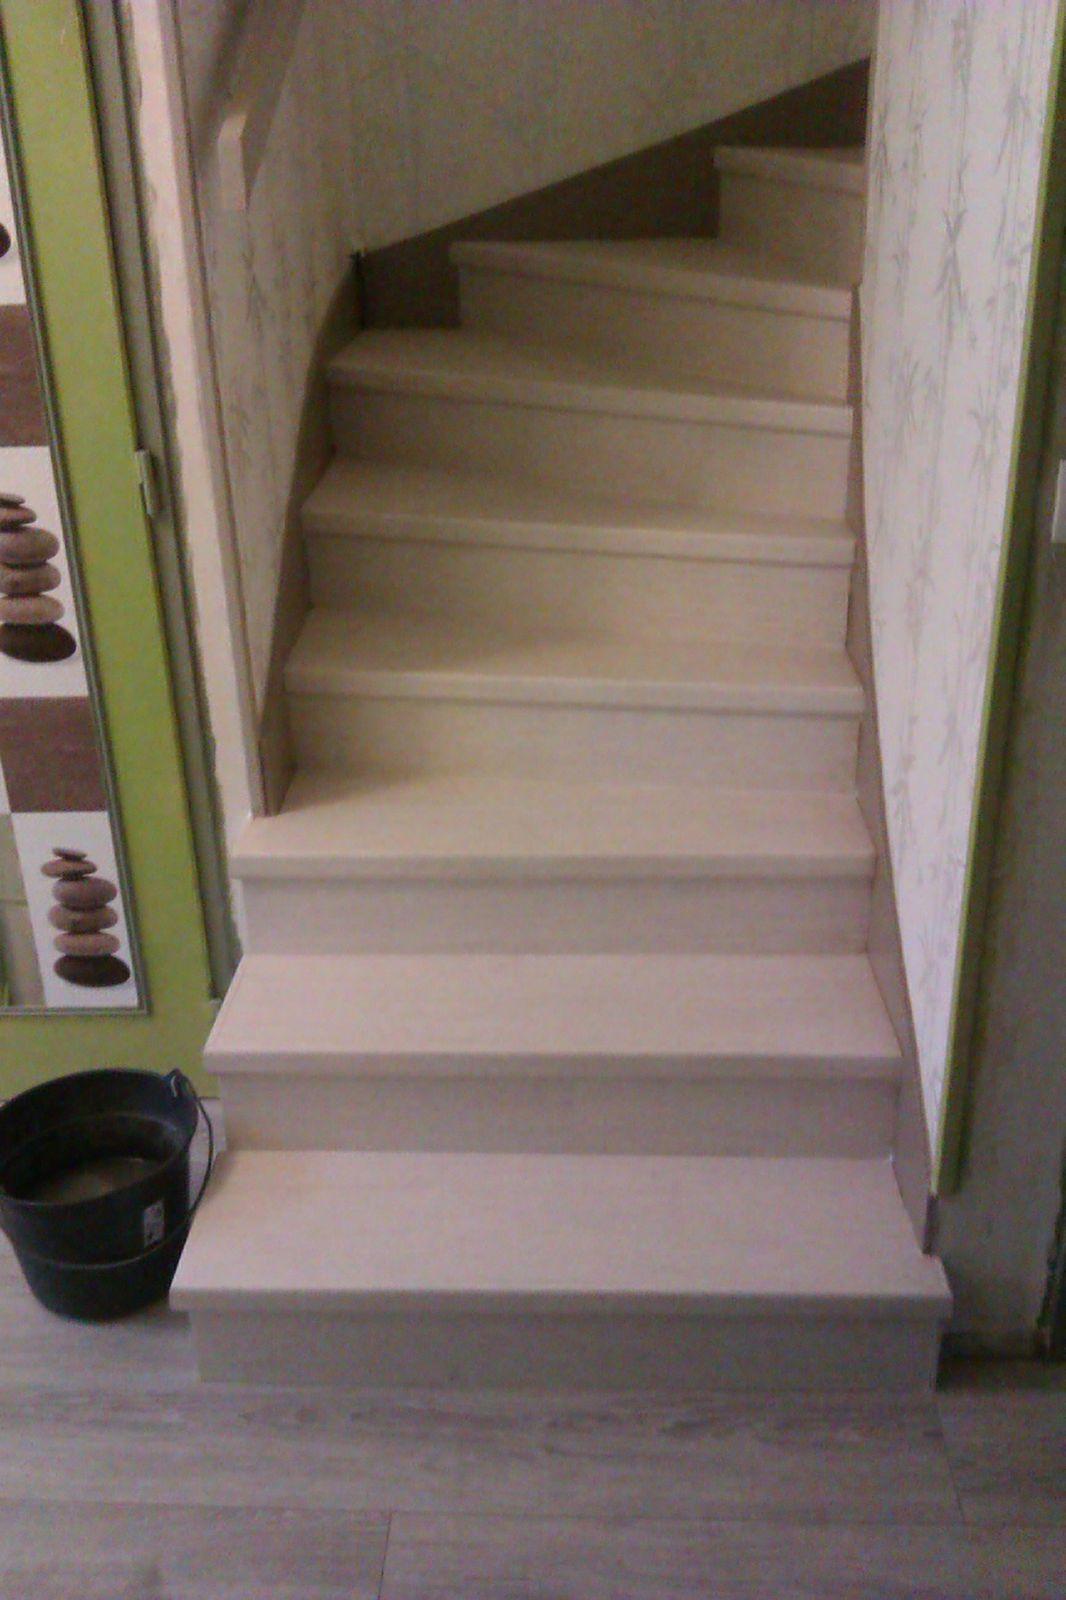 habillage escalier br menuiserie With habillage escalier parquet